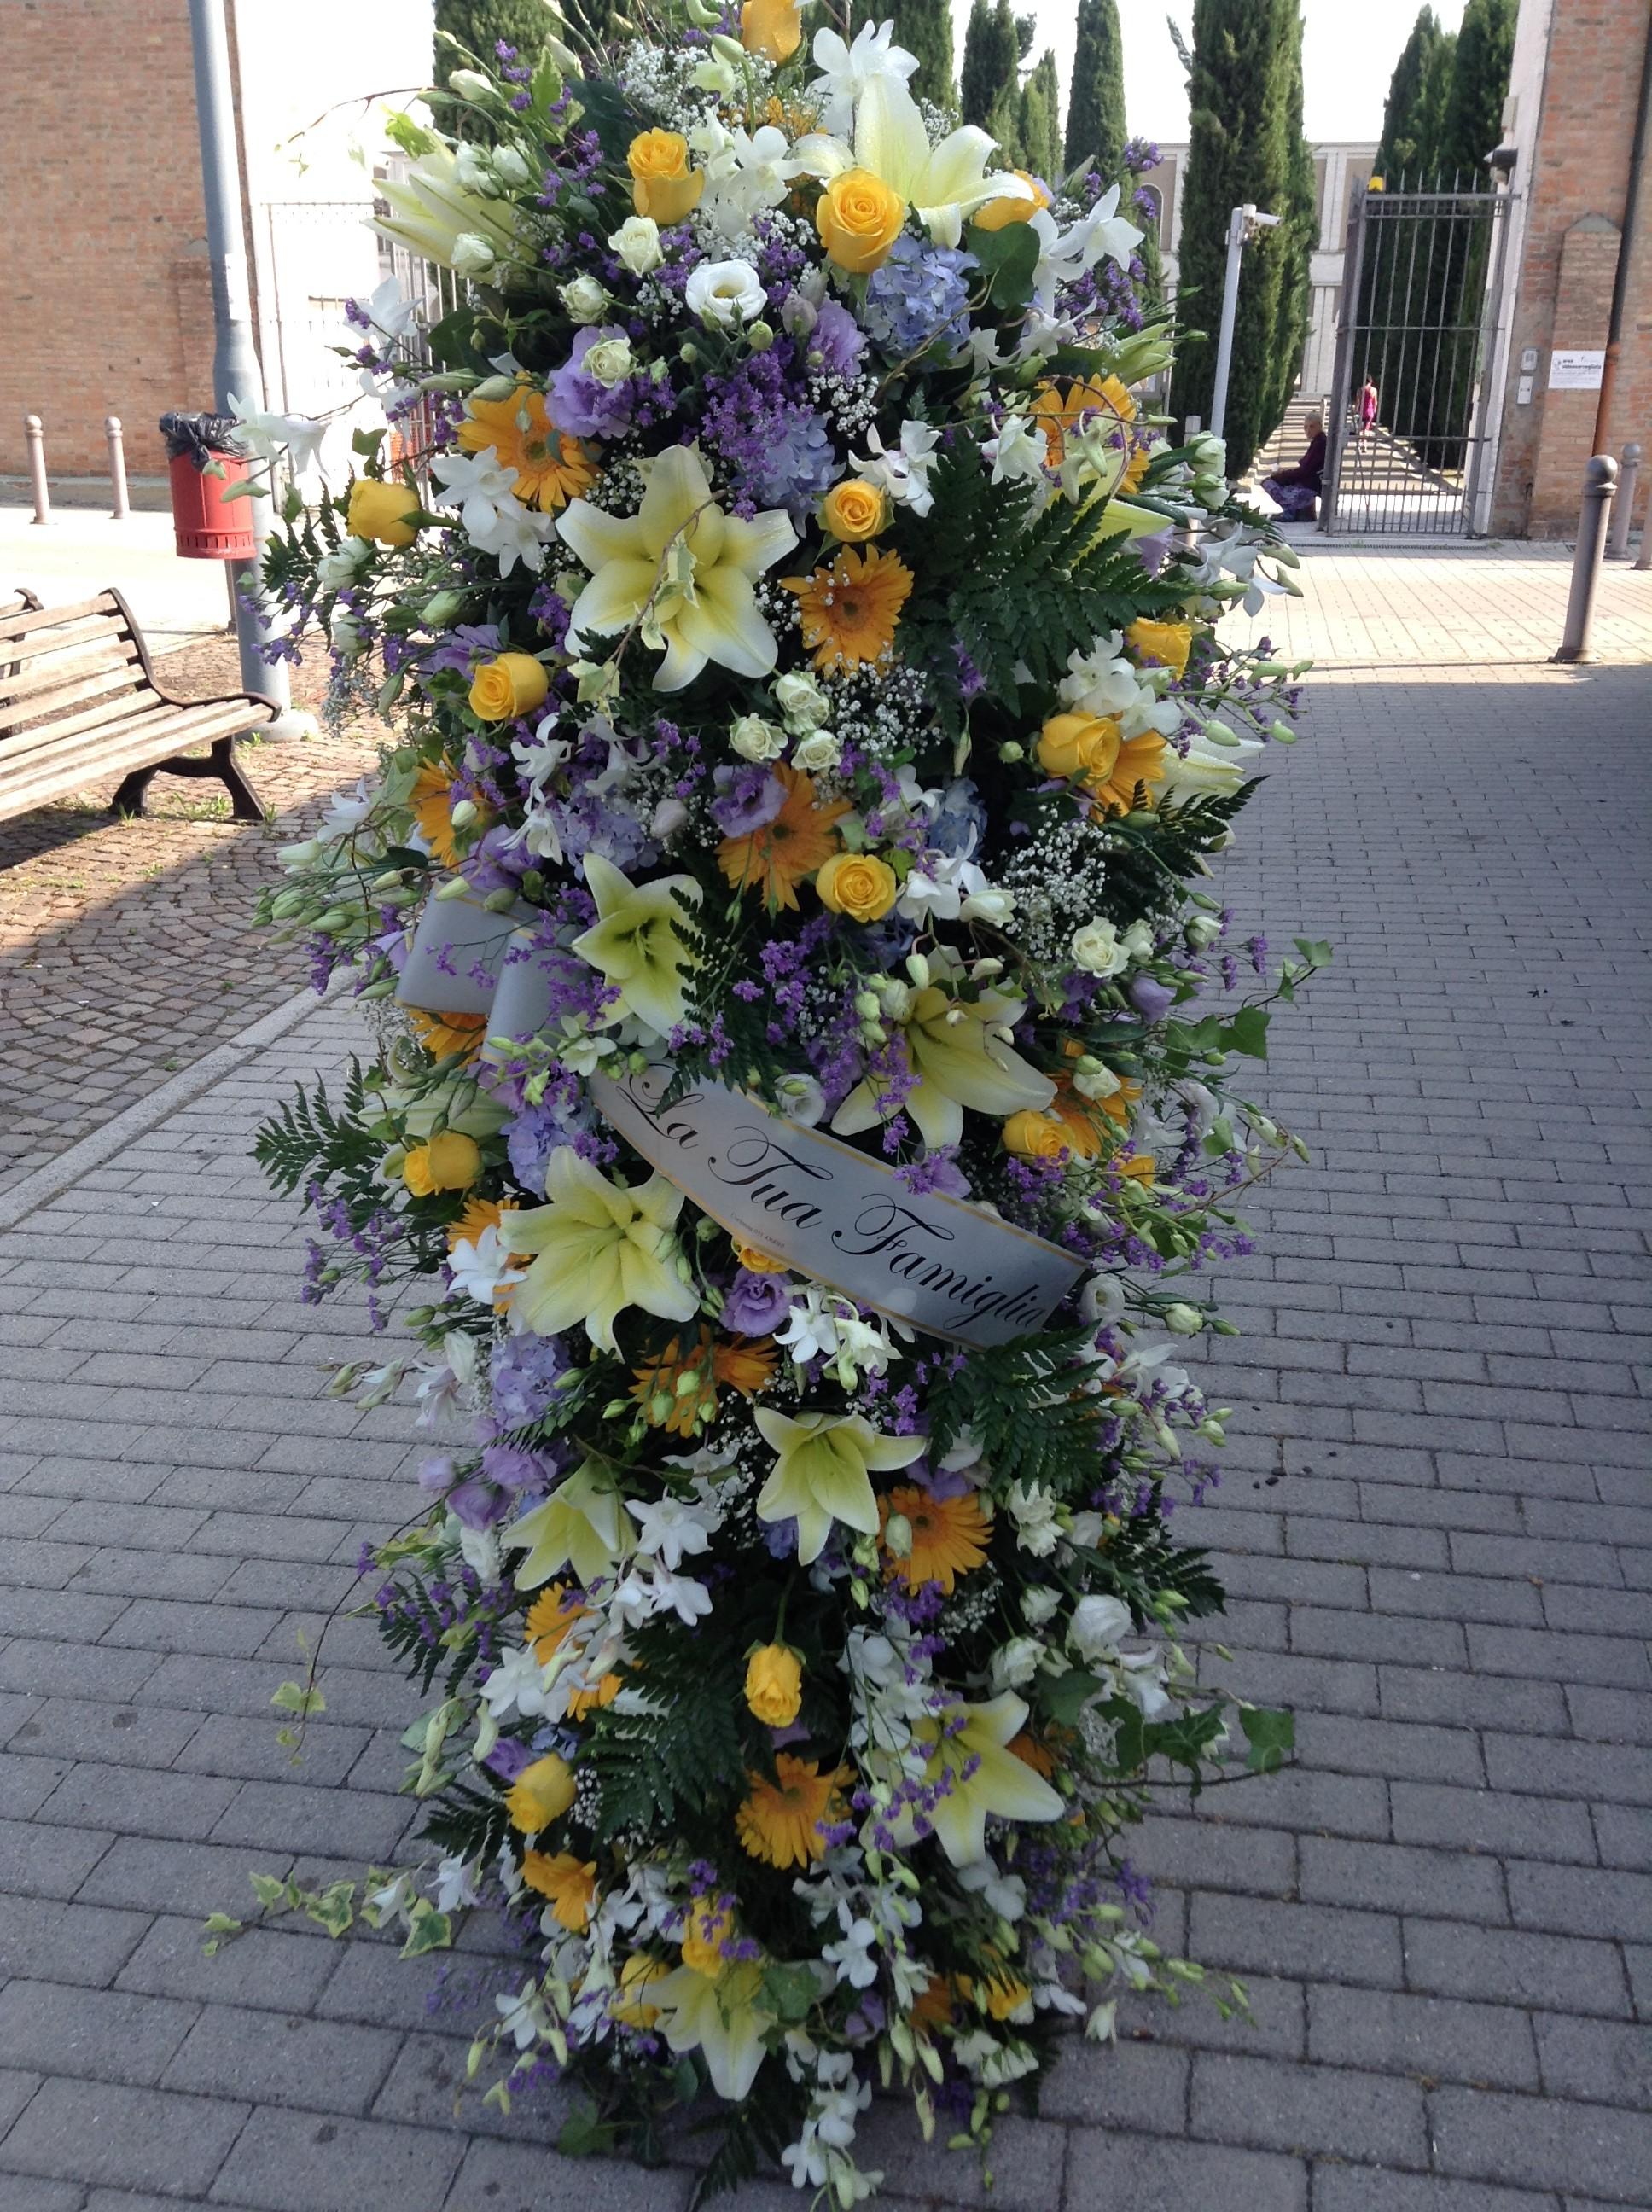 fiori romano bologna - photo#48